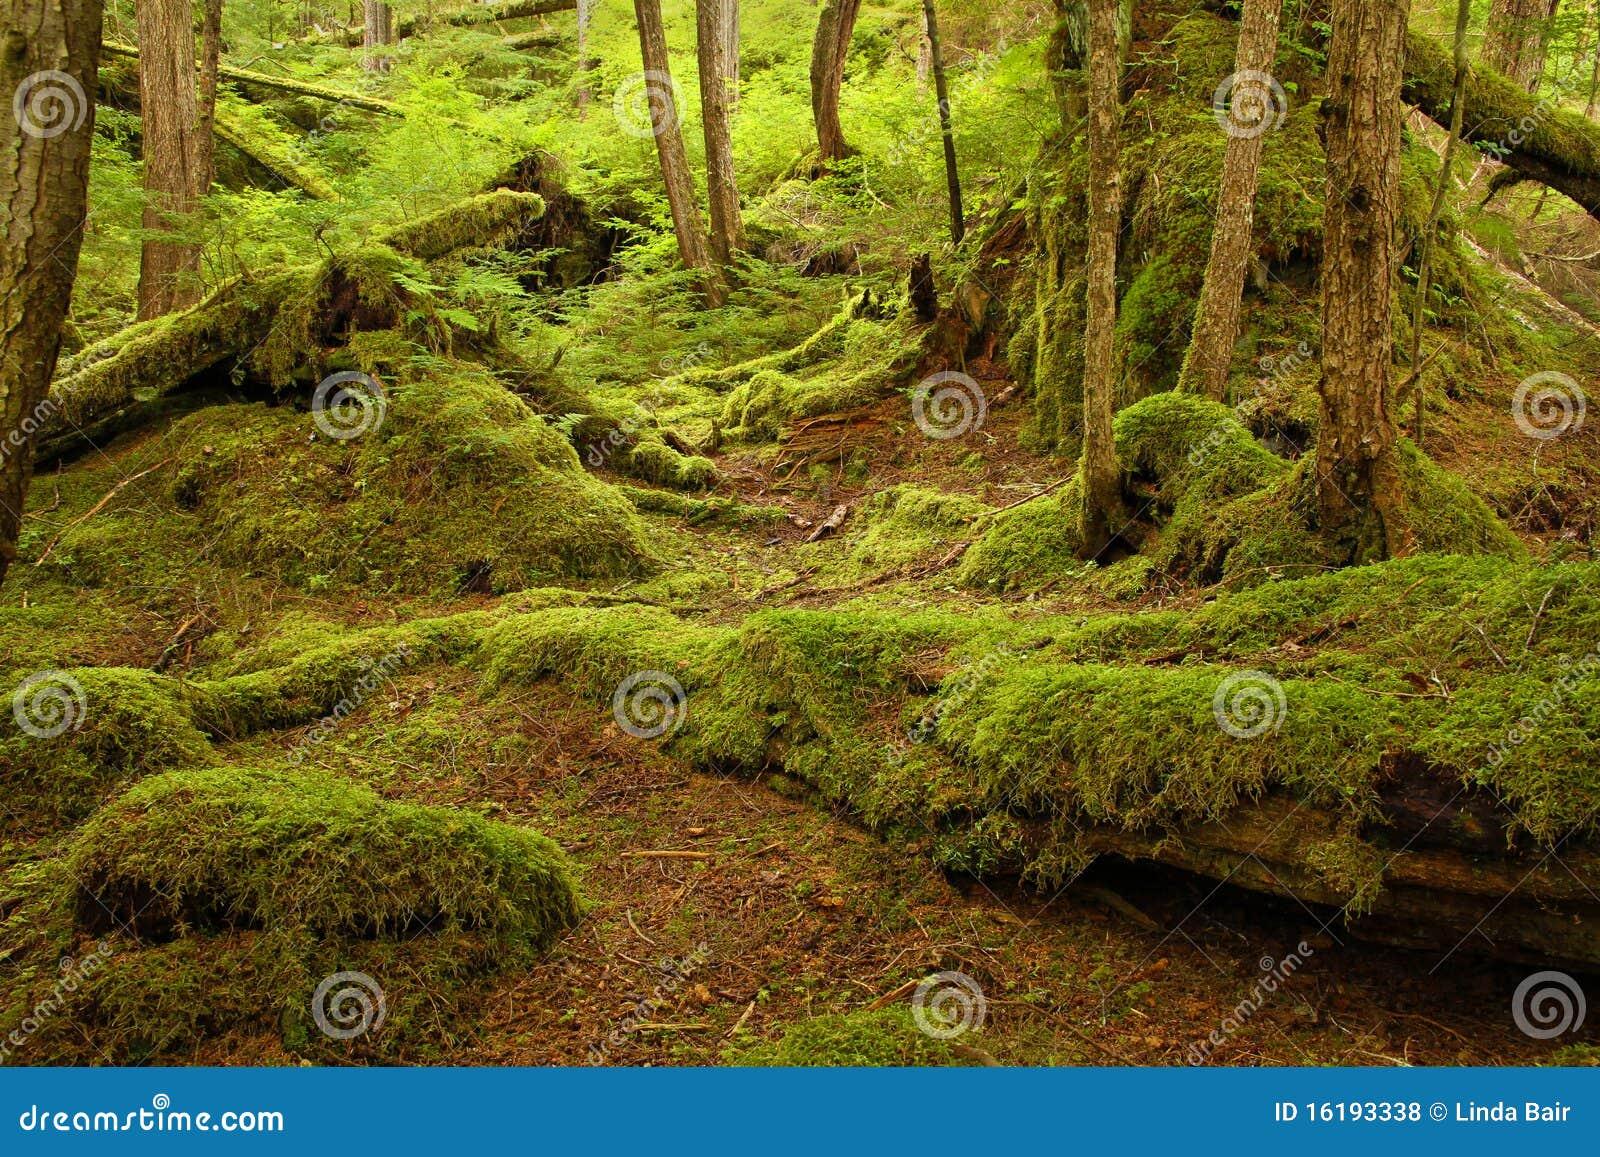 дождевый лес воздержательный